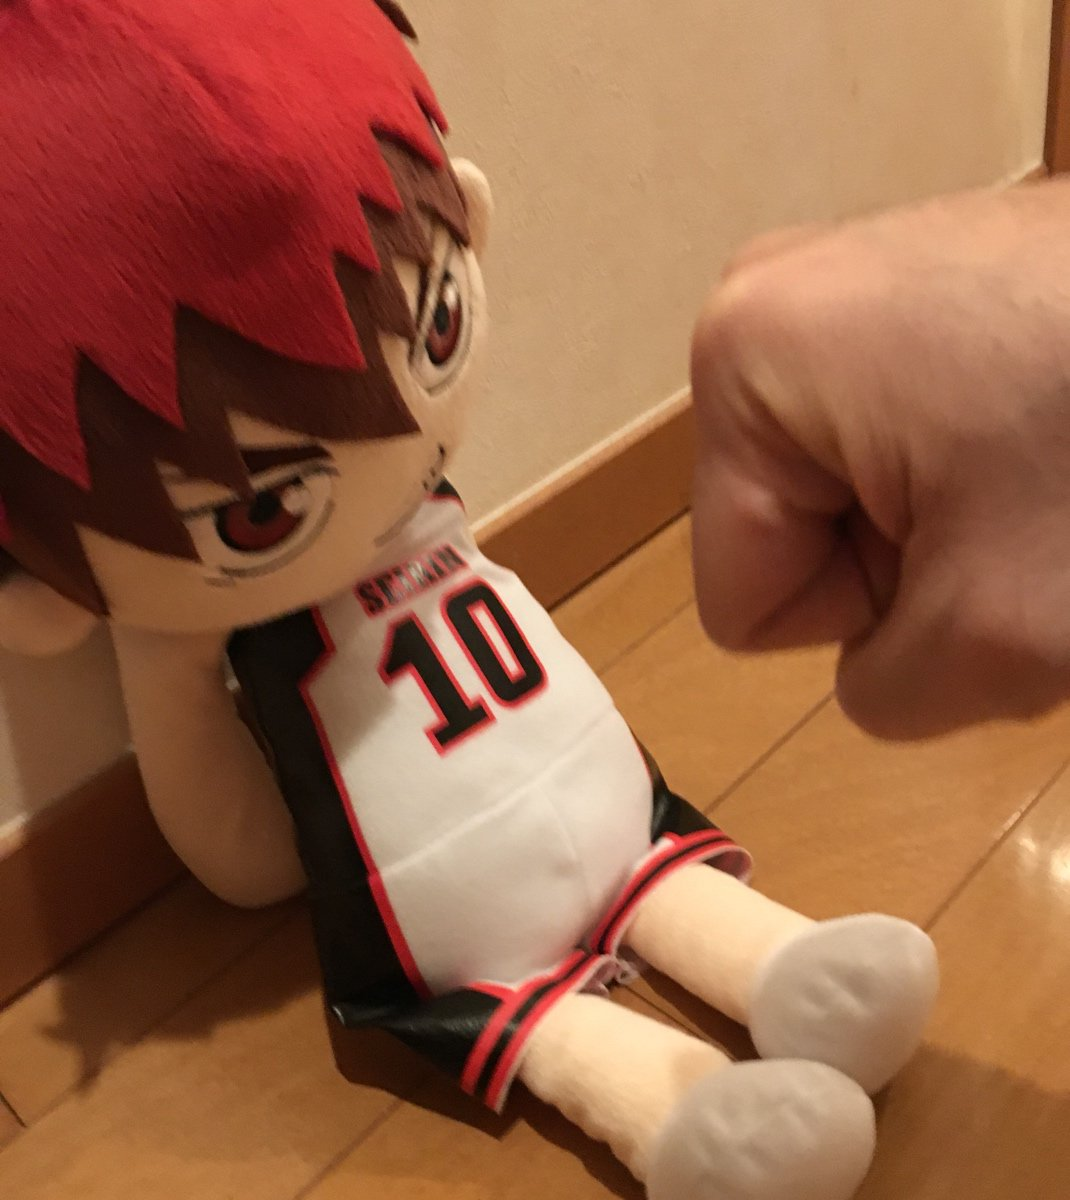 小野友樹さんの投稿画像